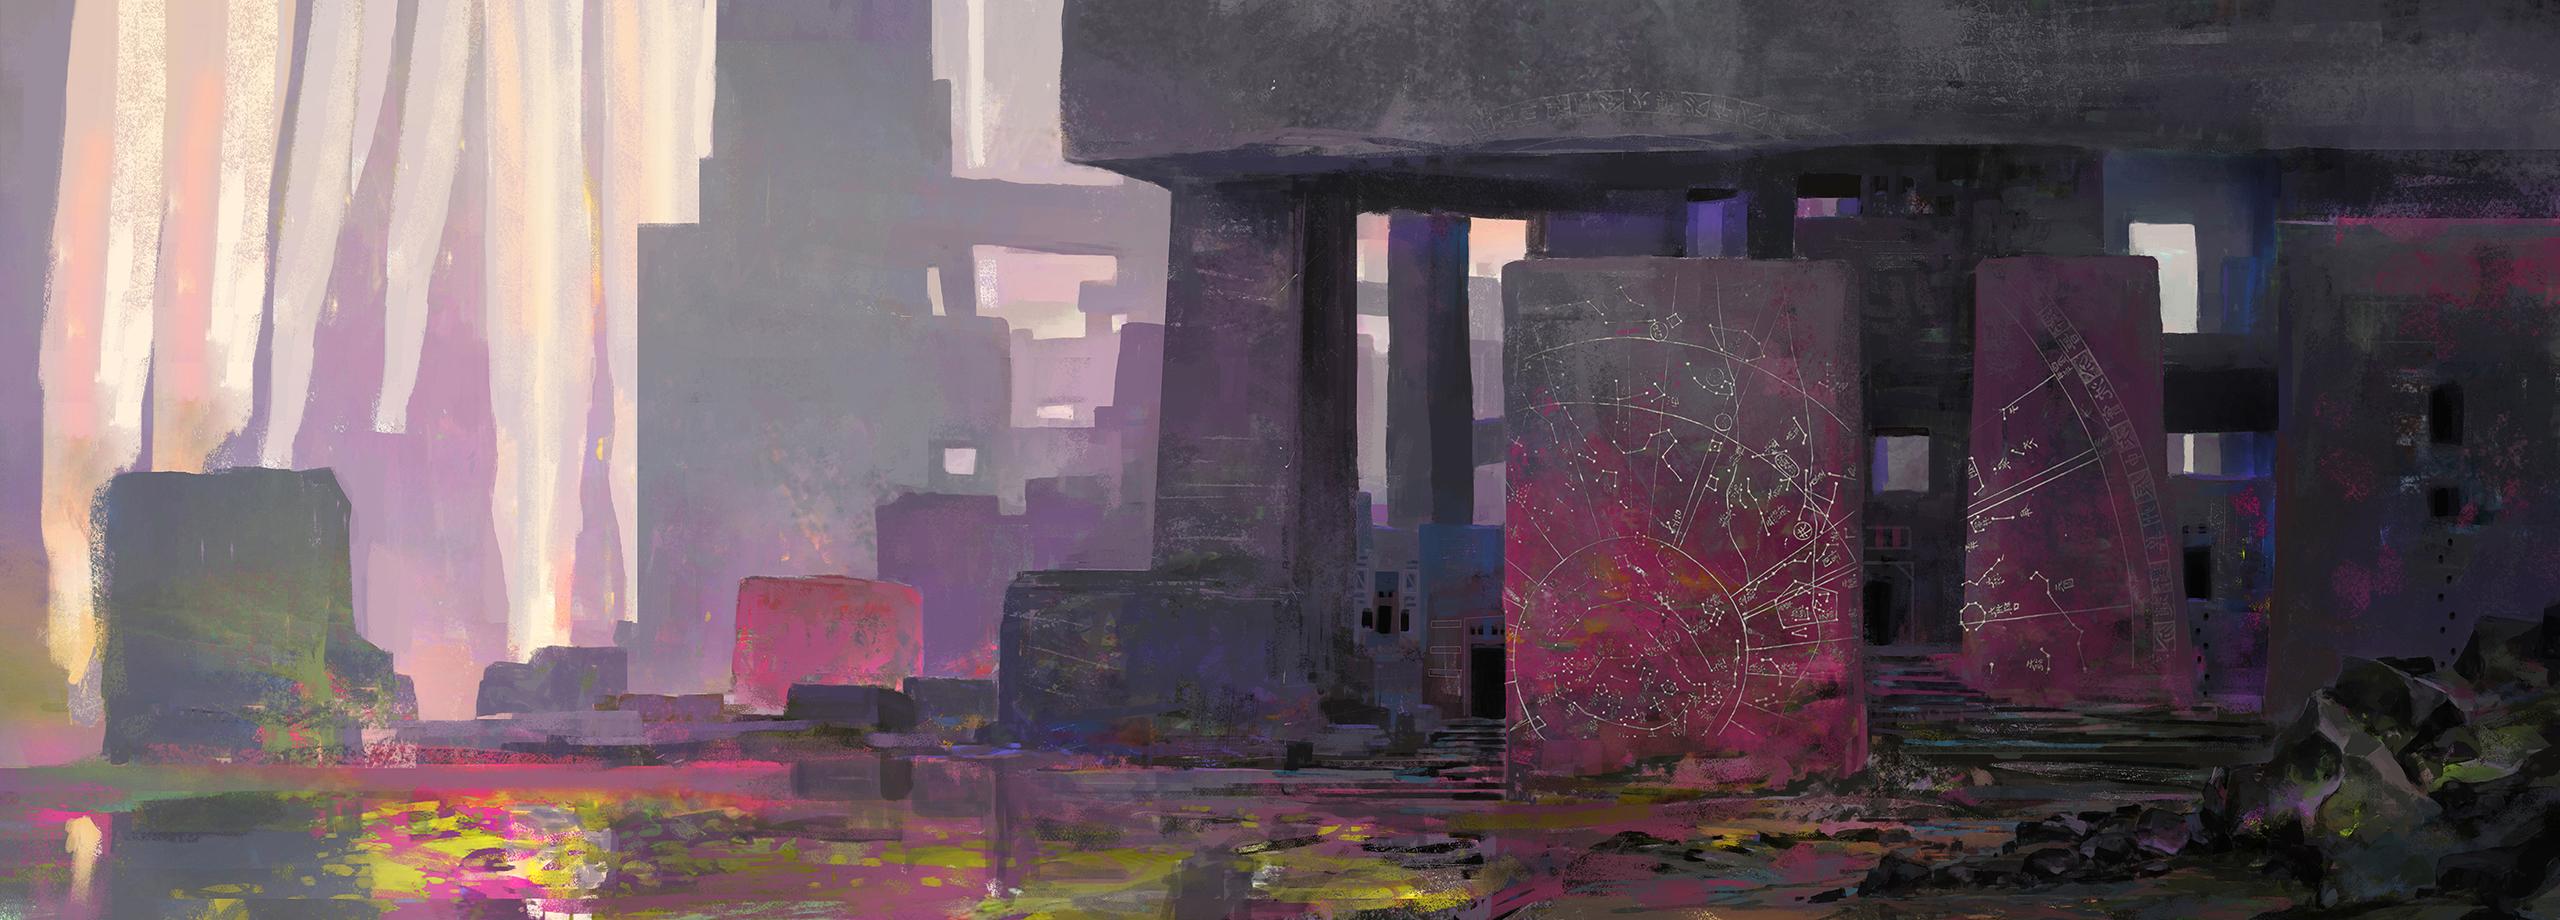 Ruins by ProjectOsxar